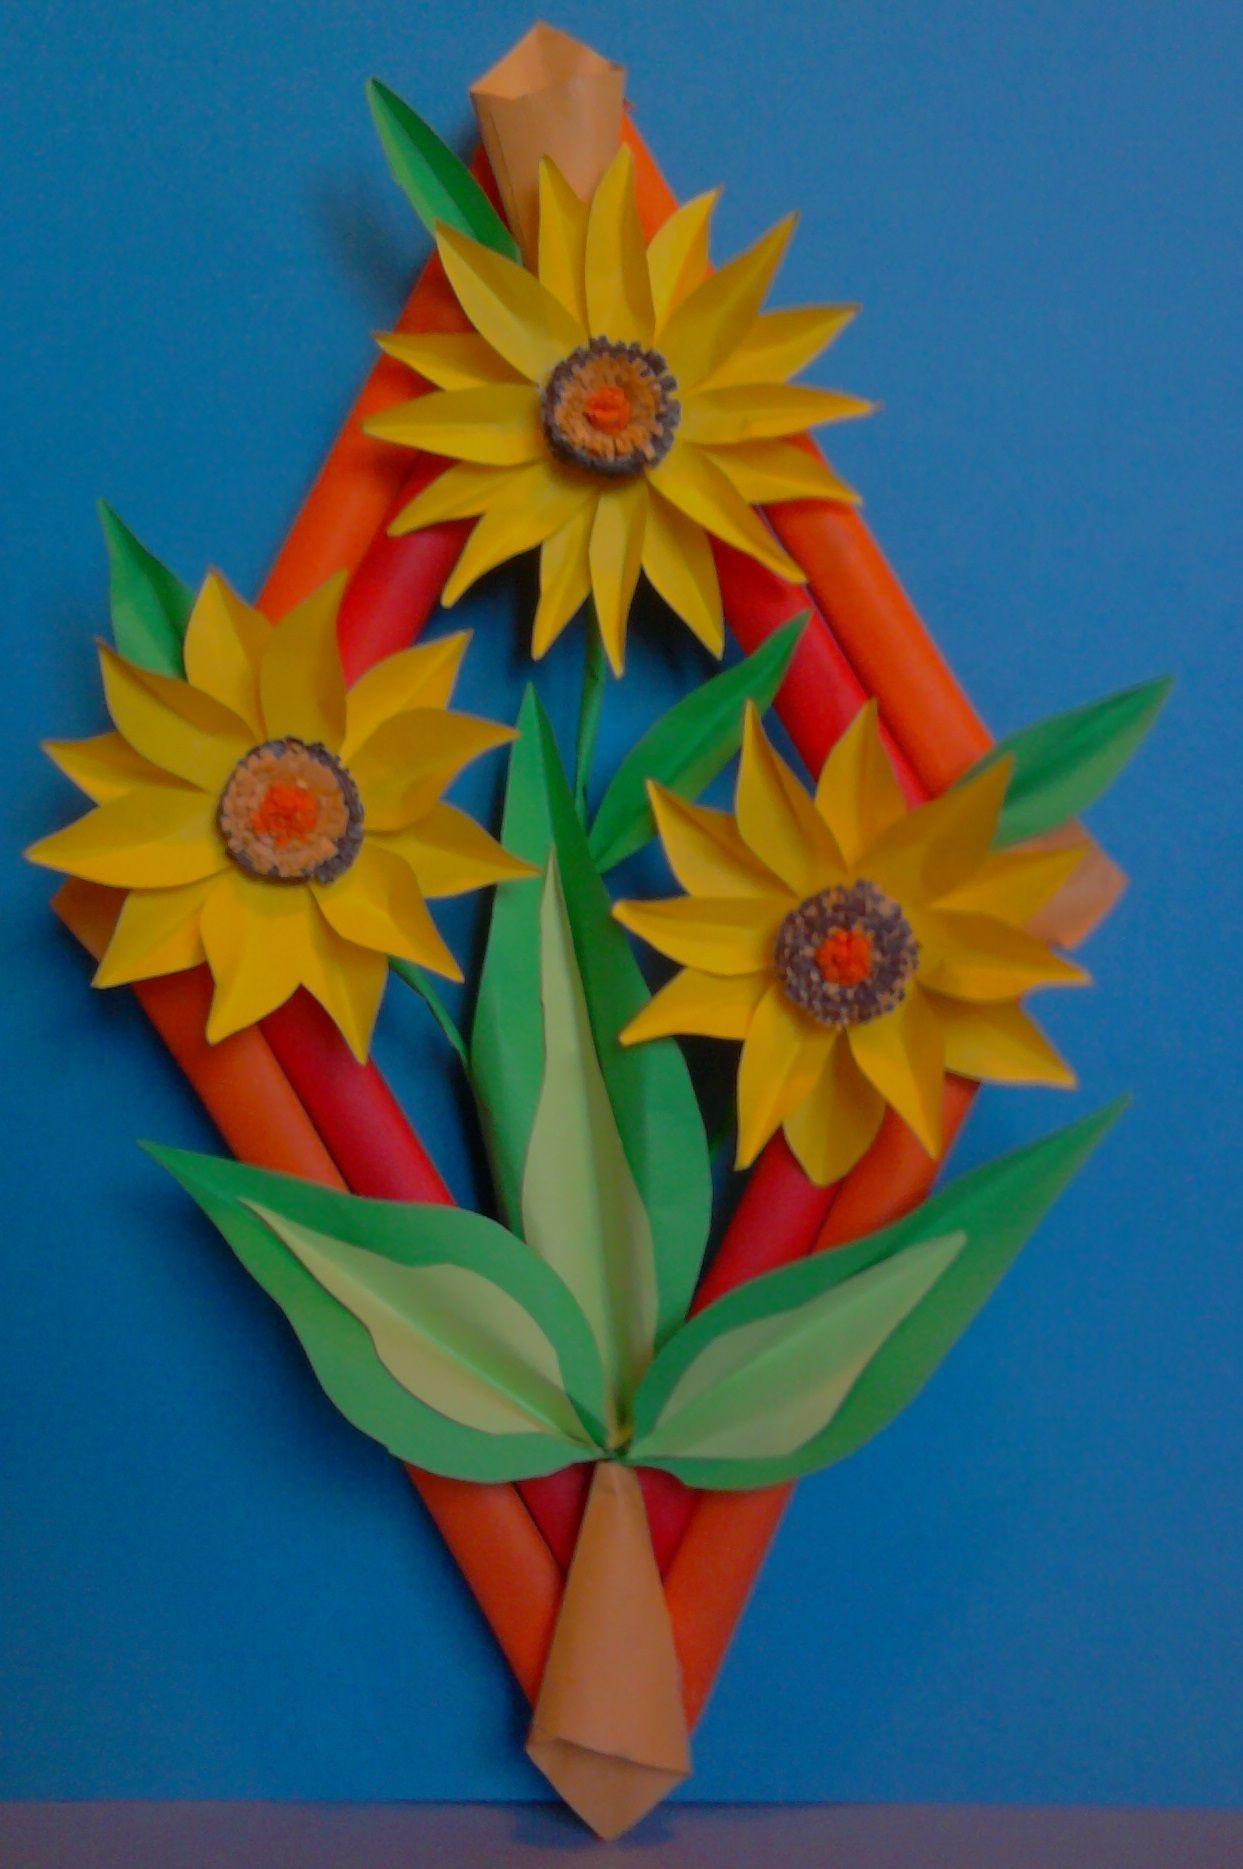 Kwiaty Z Papieru Ikebana Prace Plastyczne Dariusz Zolynski Flowers Paper Paper Flowers Orgiami Kiriga Flower Crafts Paper Flower Crafts Paper Flowers